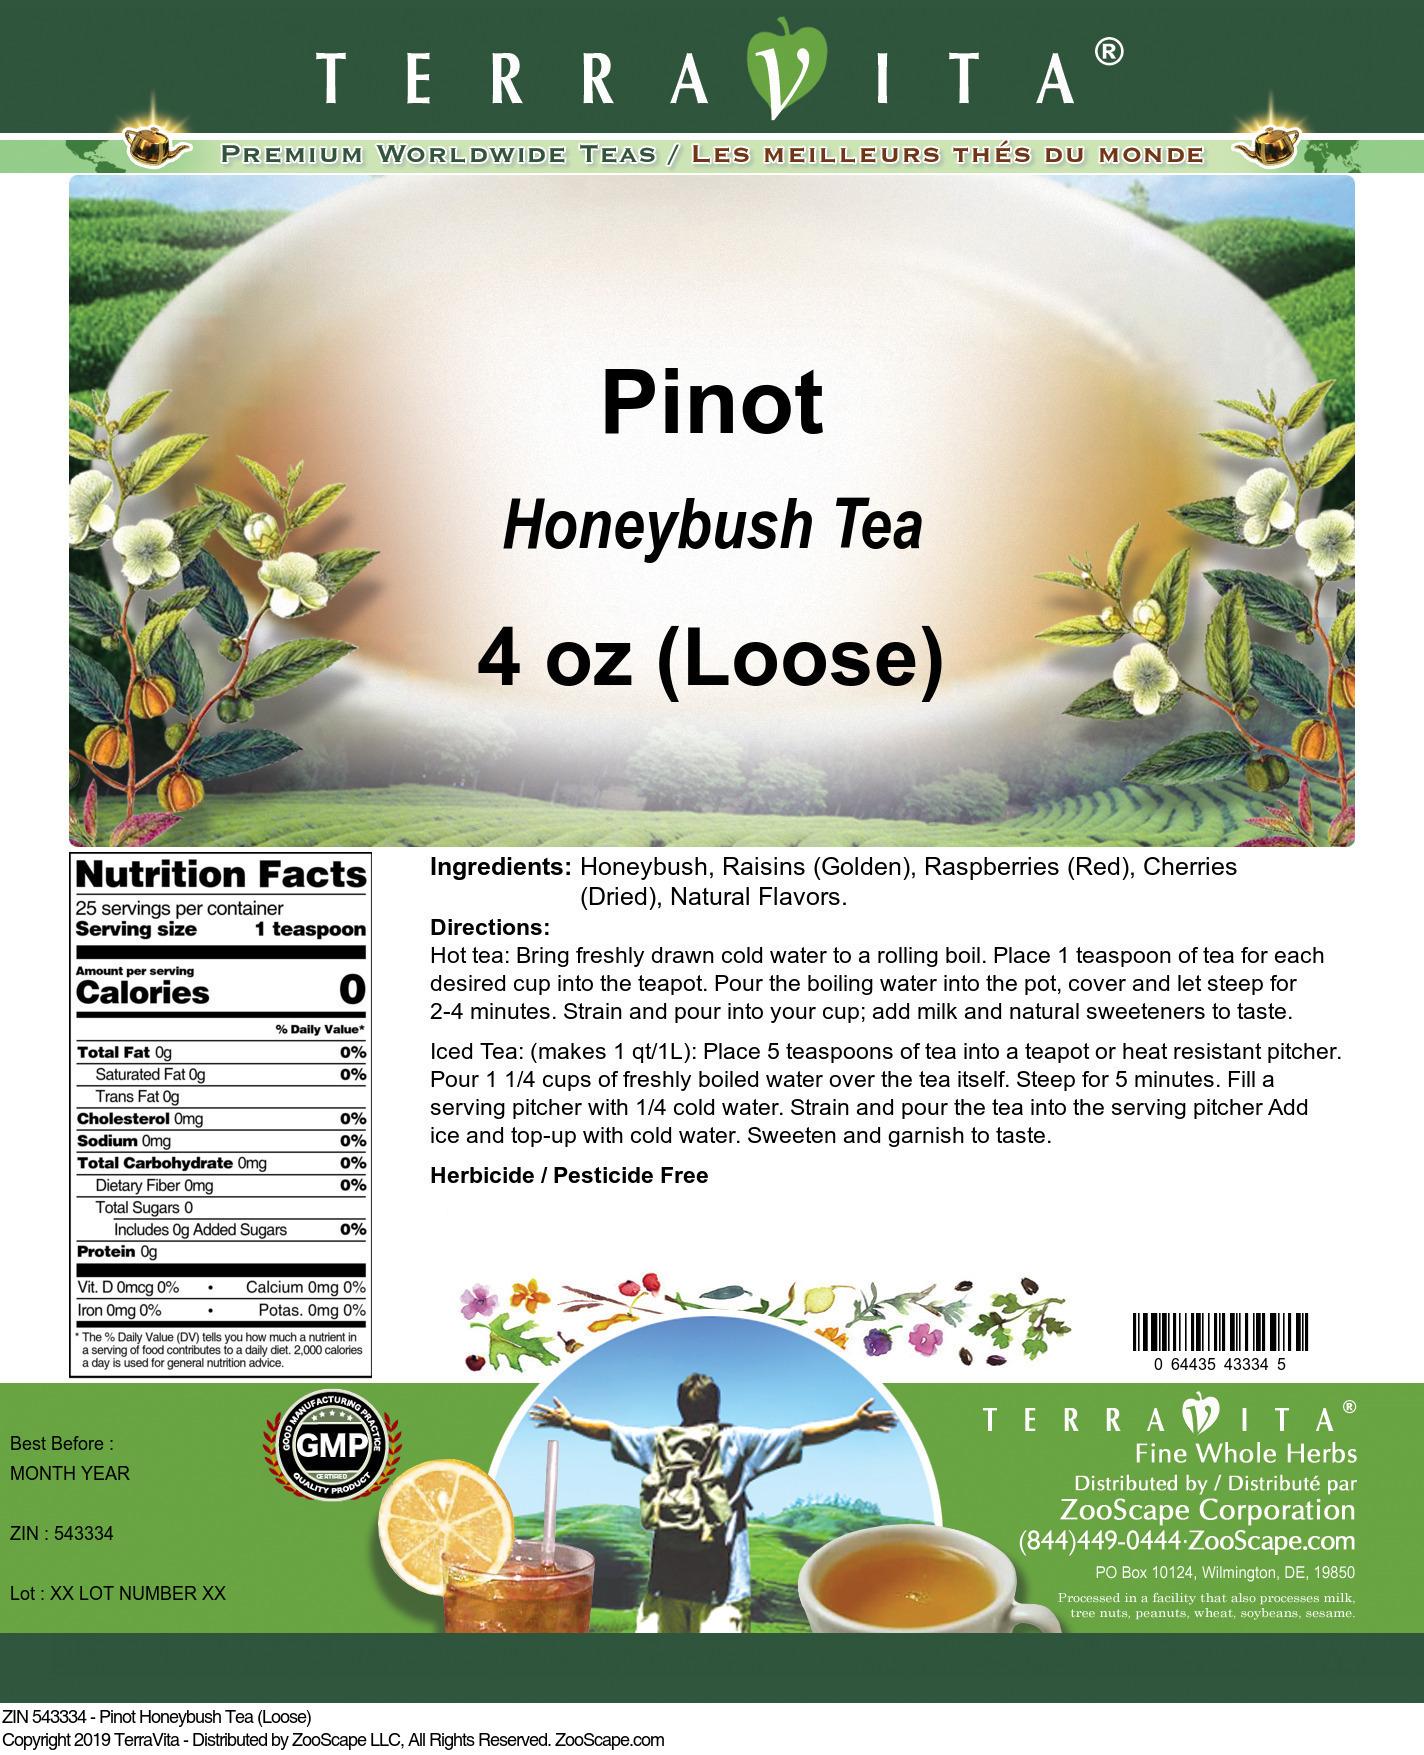 Pinot Honeybush Tea